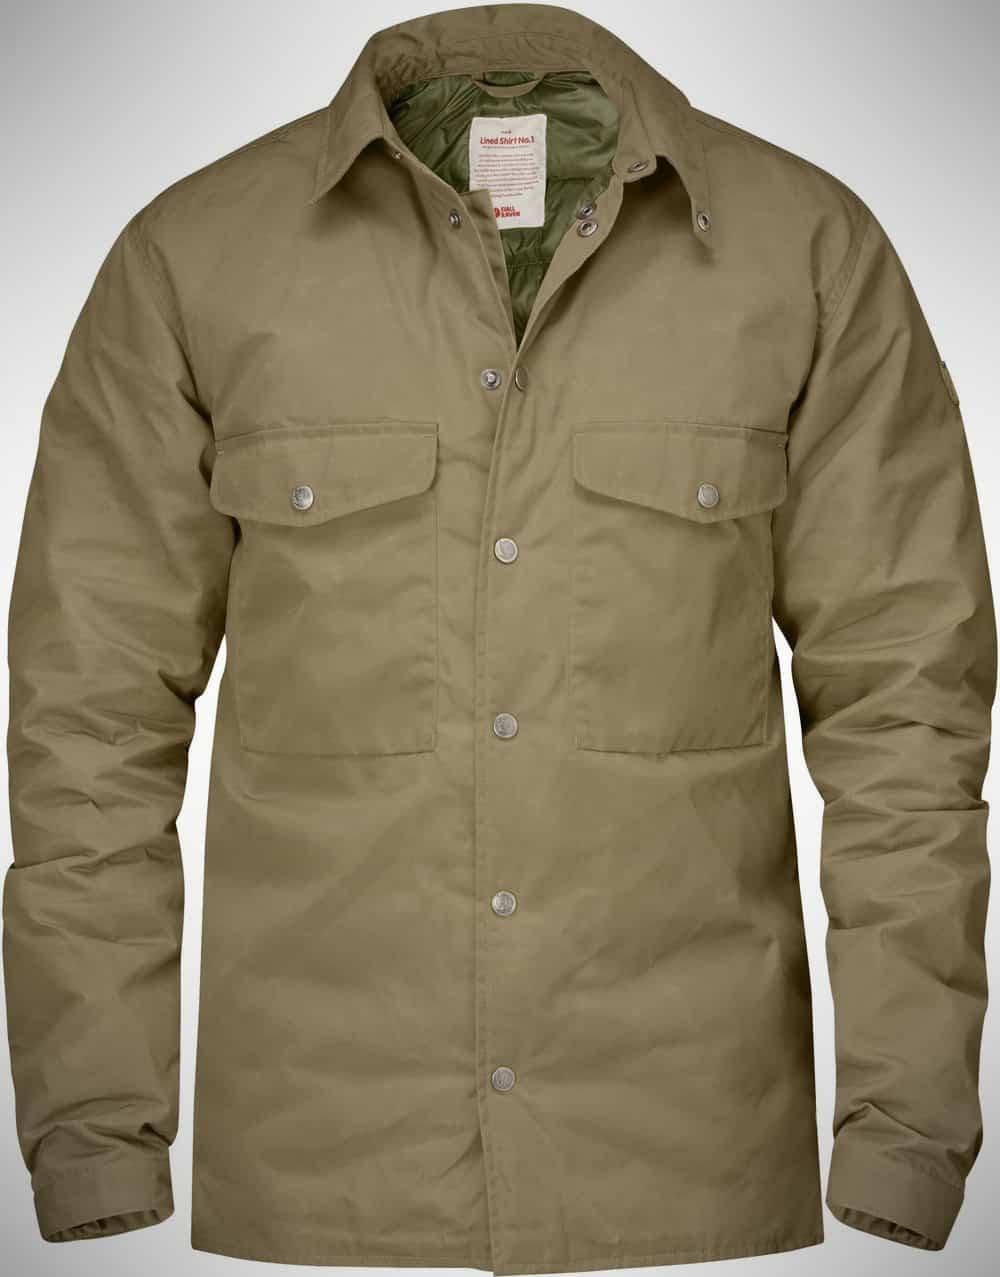 Fjallraven Down Shirt No 1 Jacket